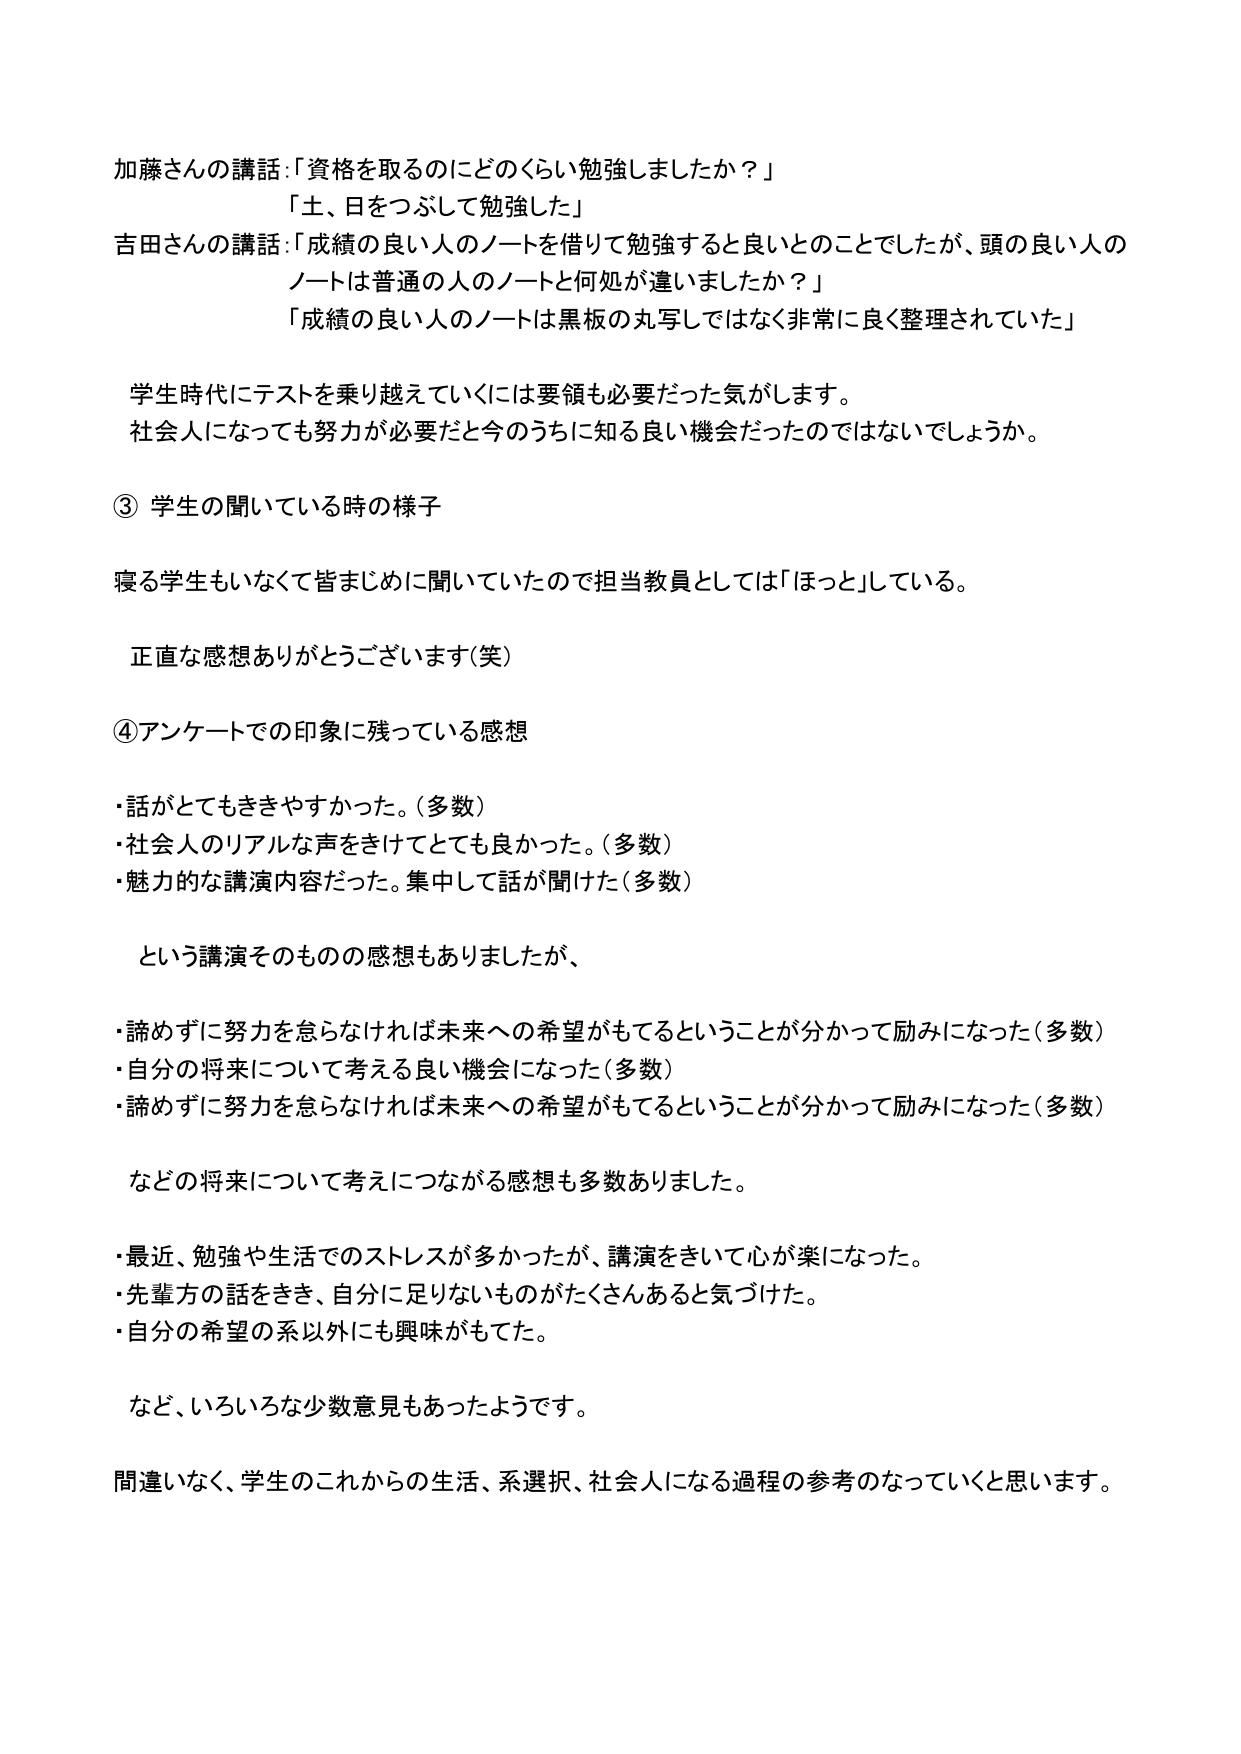 キャリアパス講演_page-0003